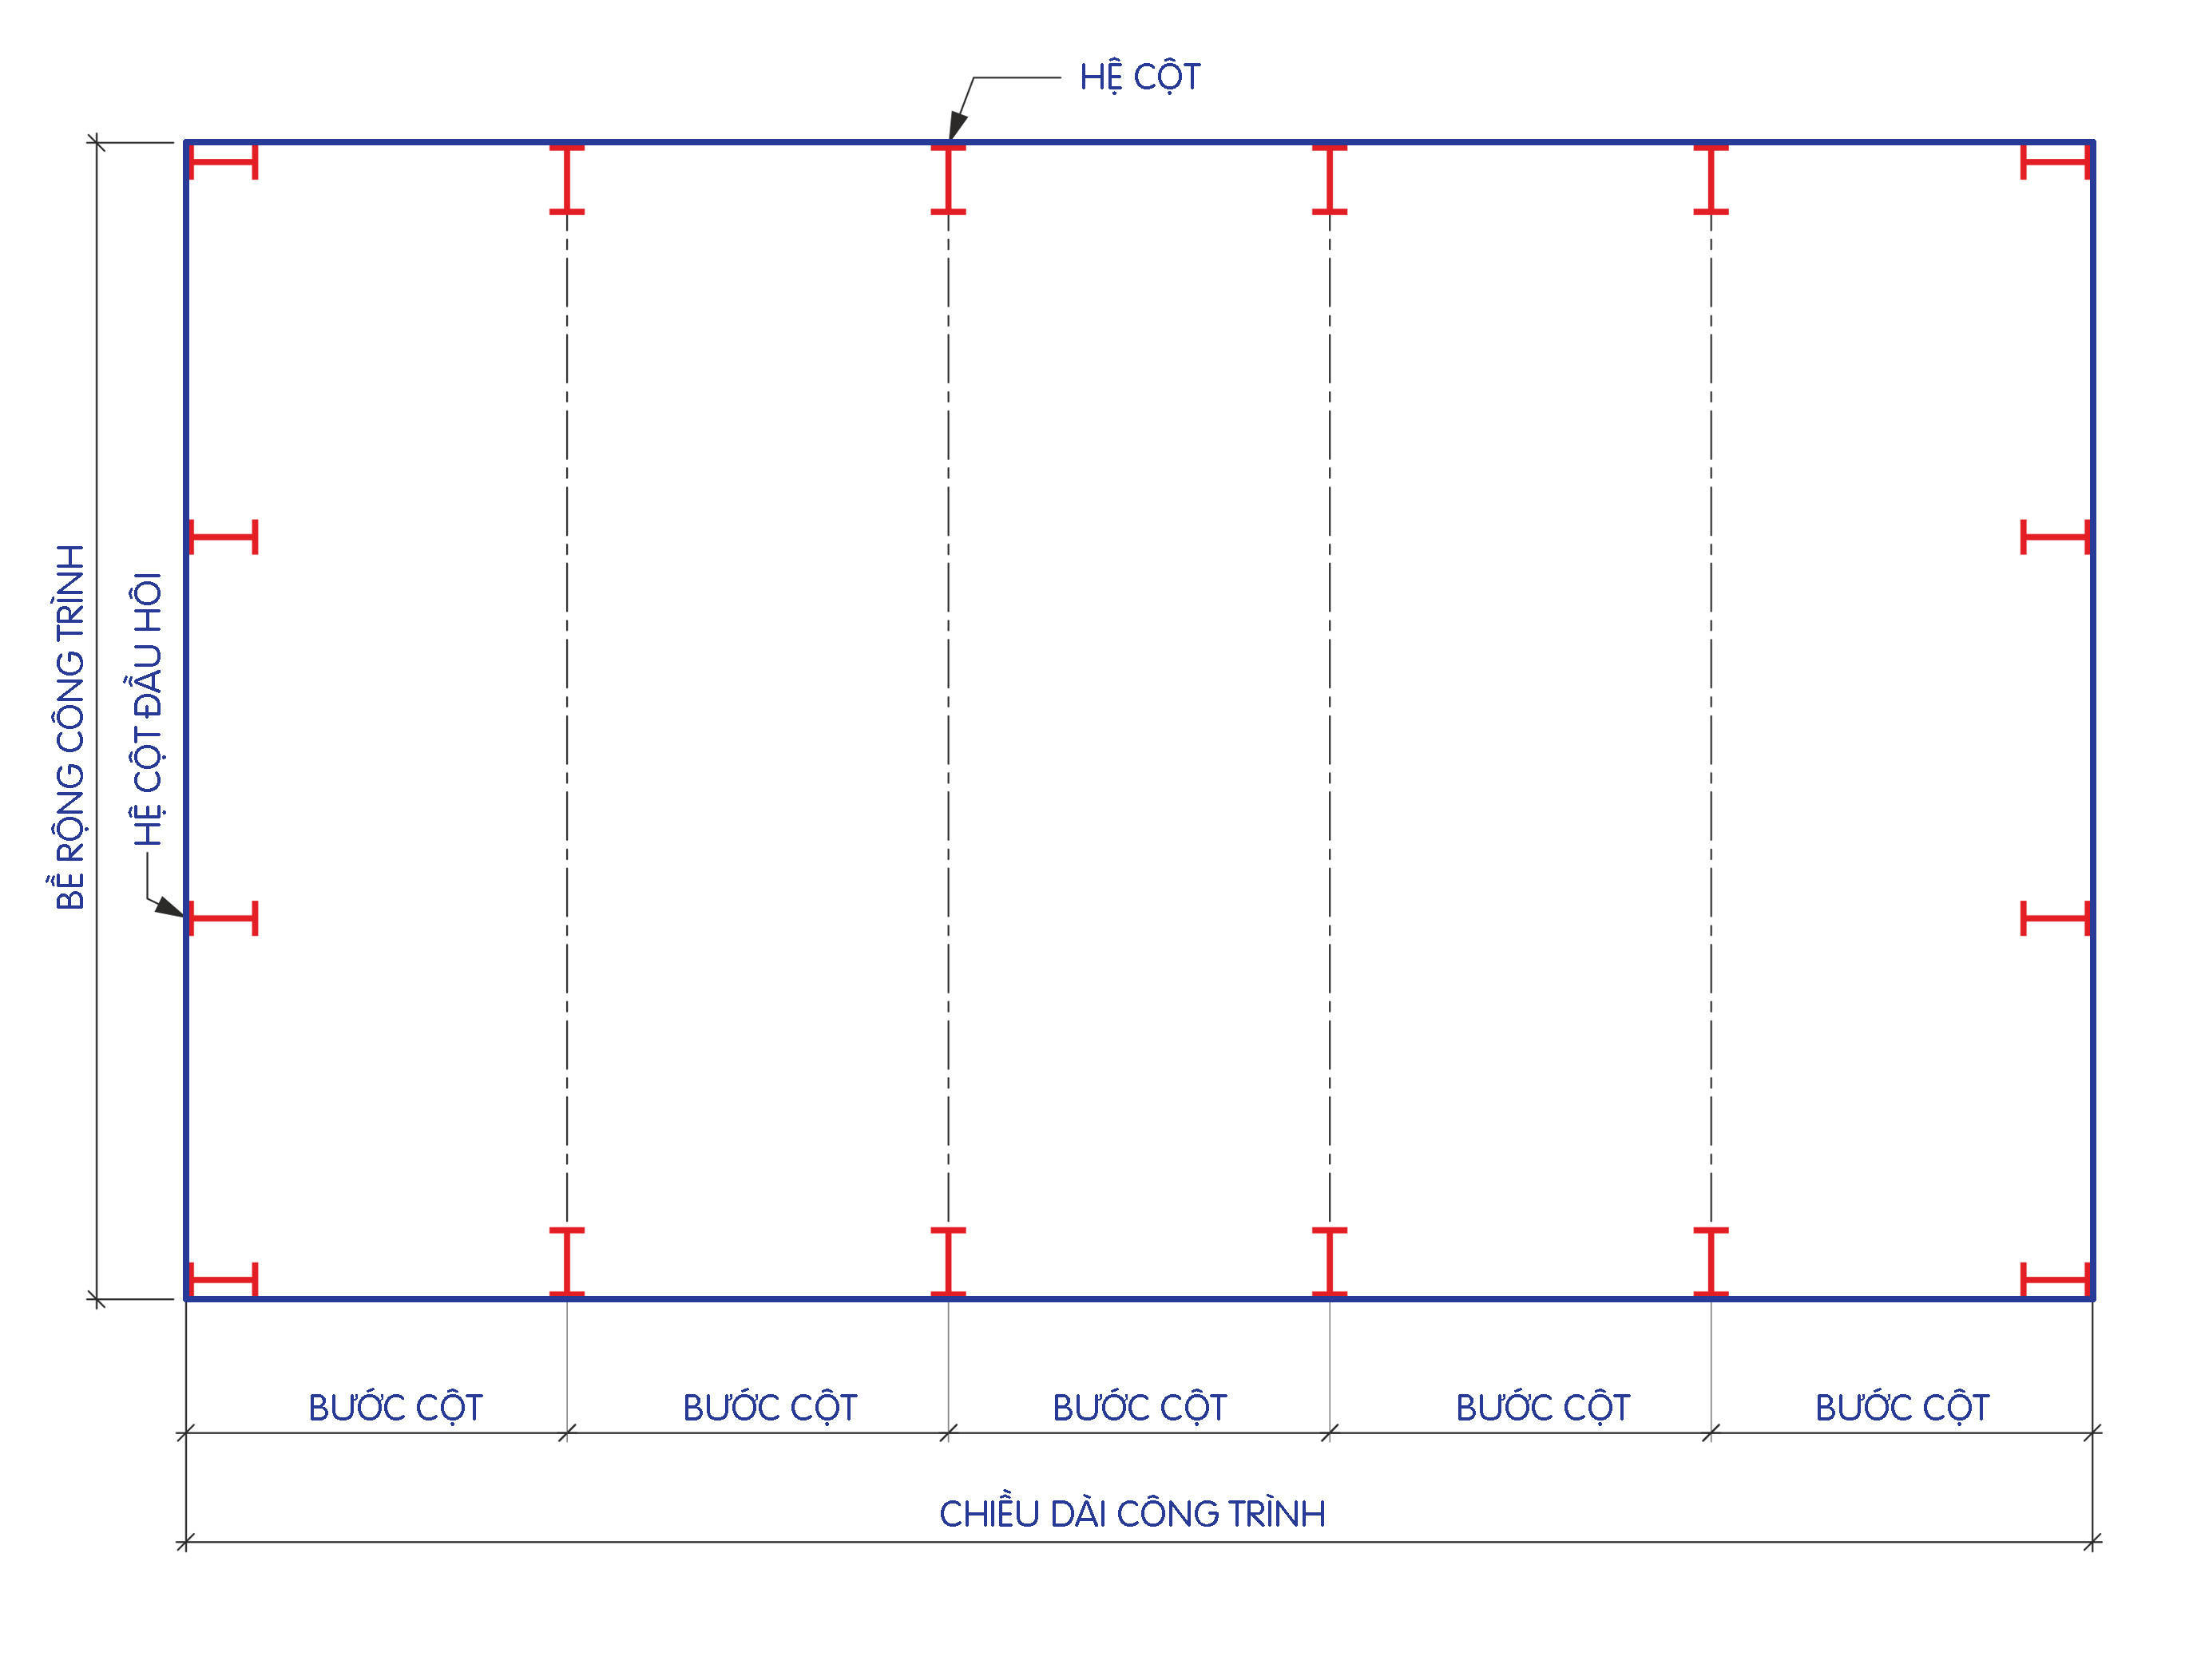 Thông số kỹ thuật cơ bản của nhà tiền chế